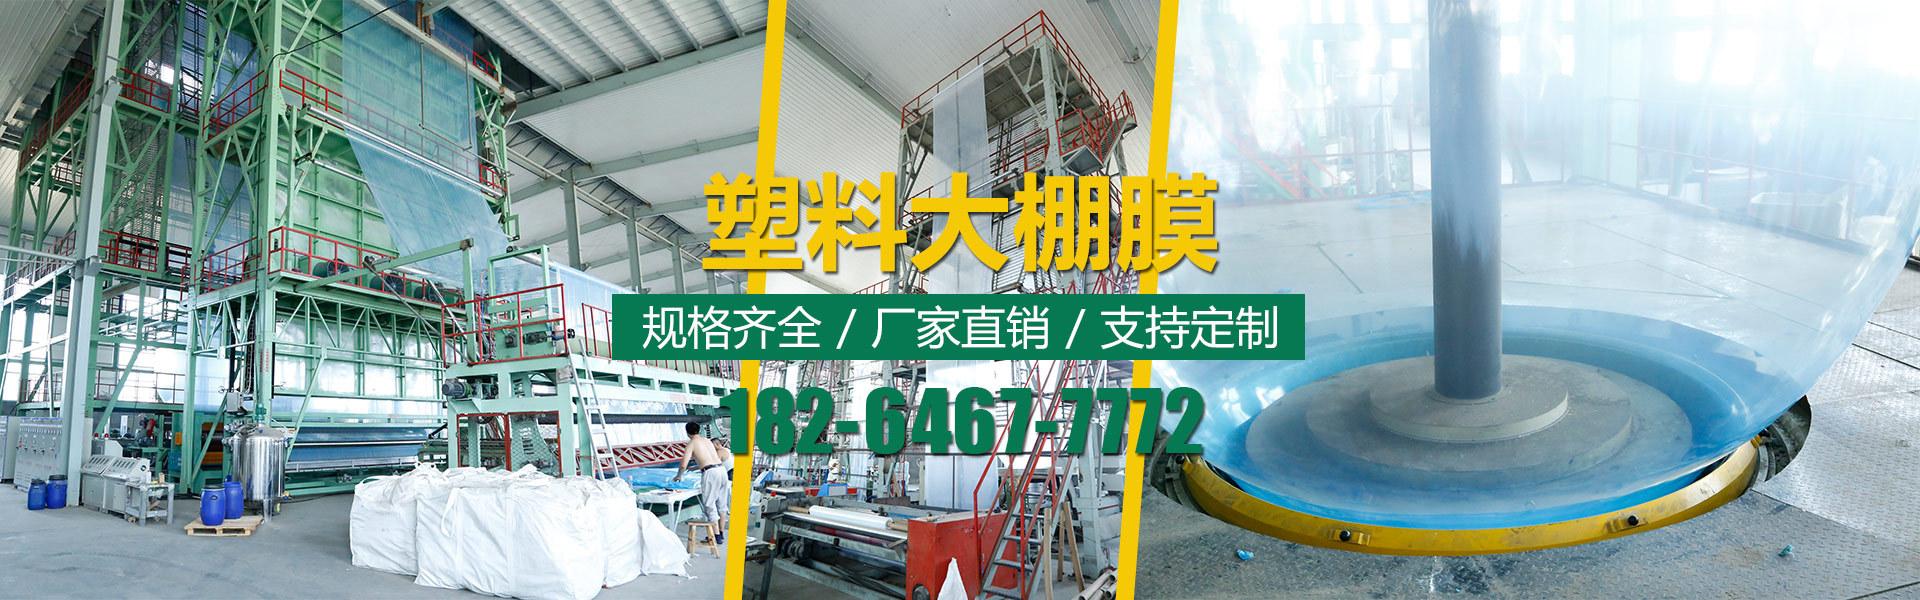 青州市英豪鑫诺塑料制品有限公司